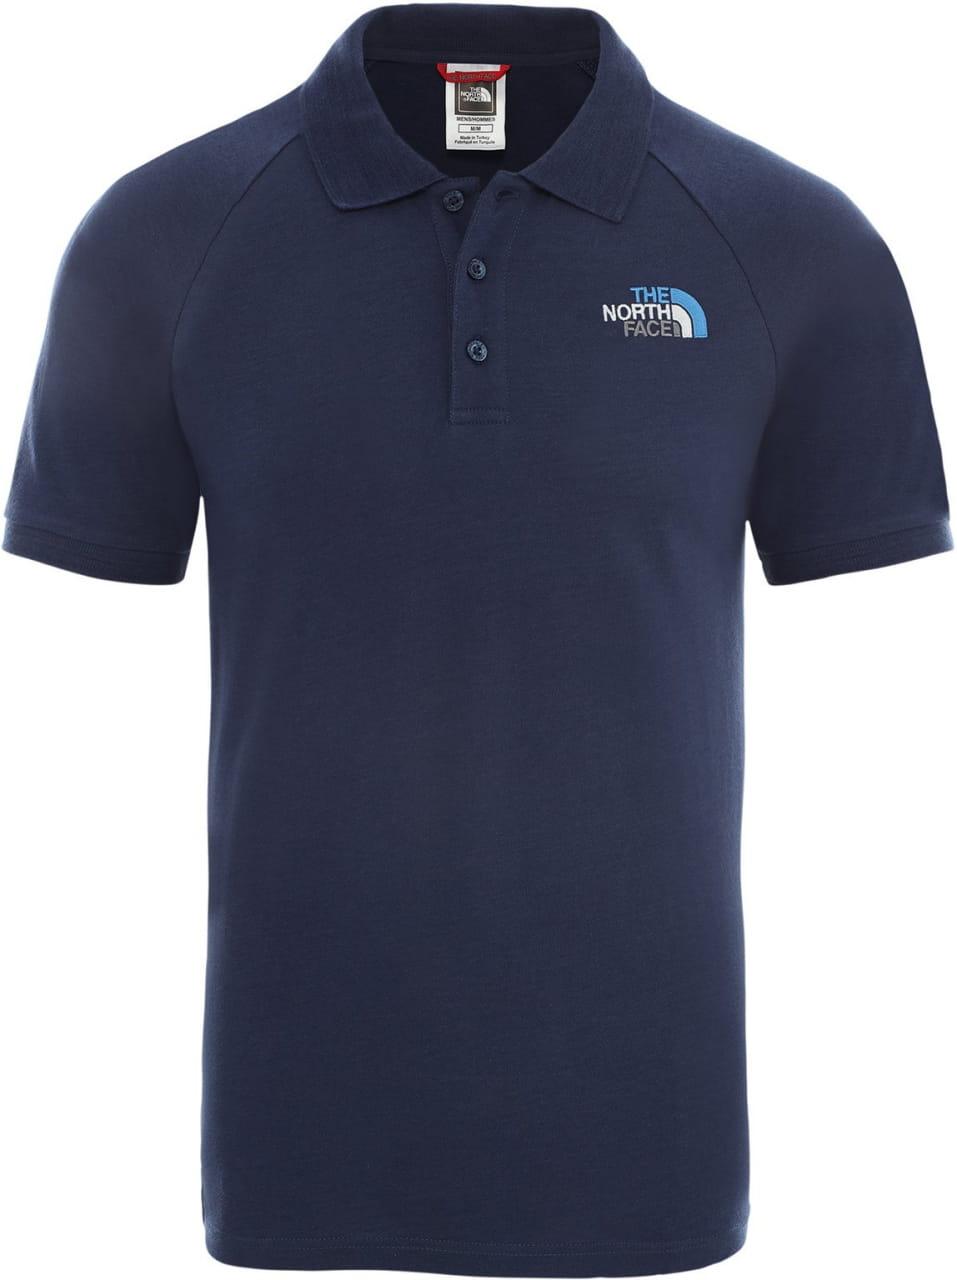 Pánská raglánová polokošile The North Face Men's Raglan Jersey Polo Shirt